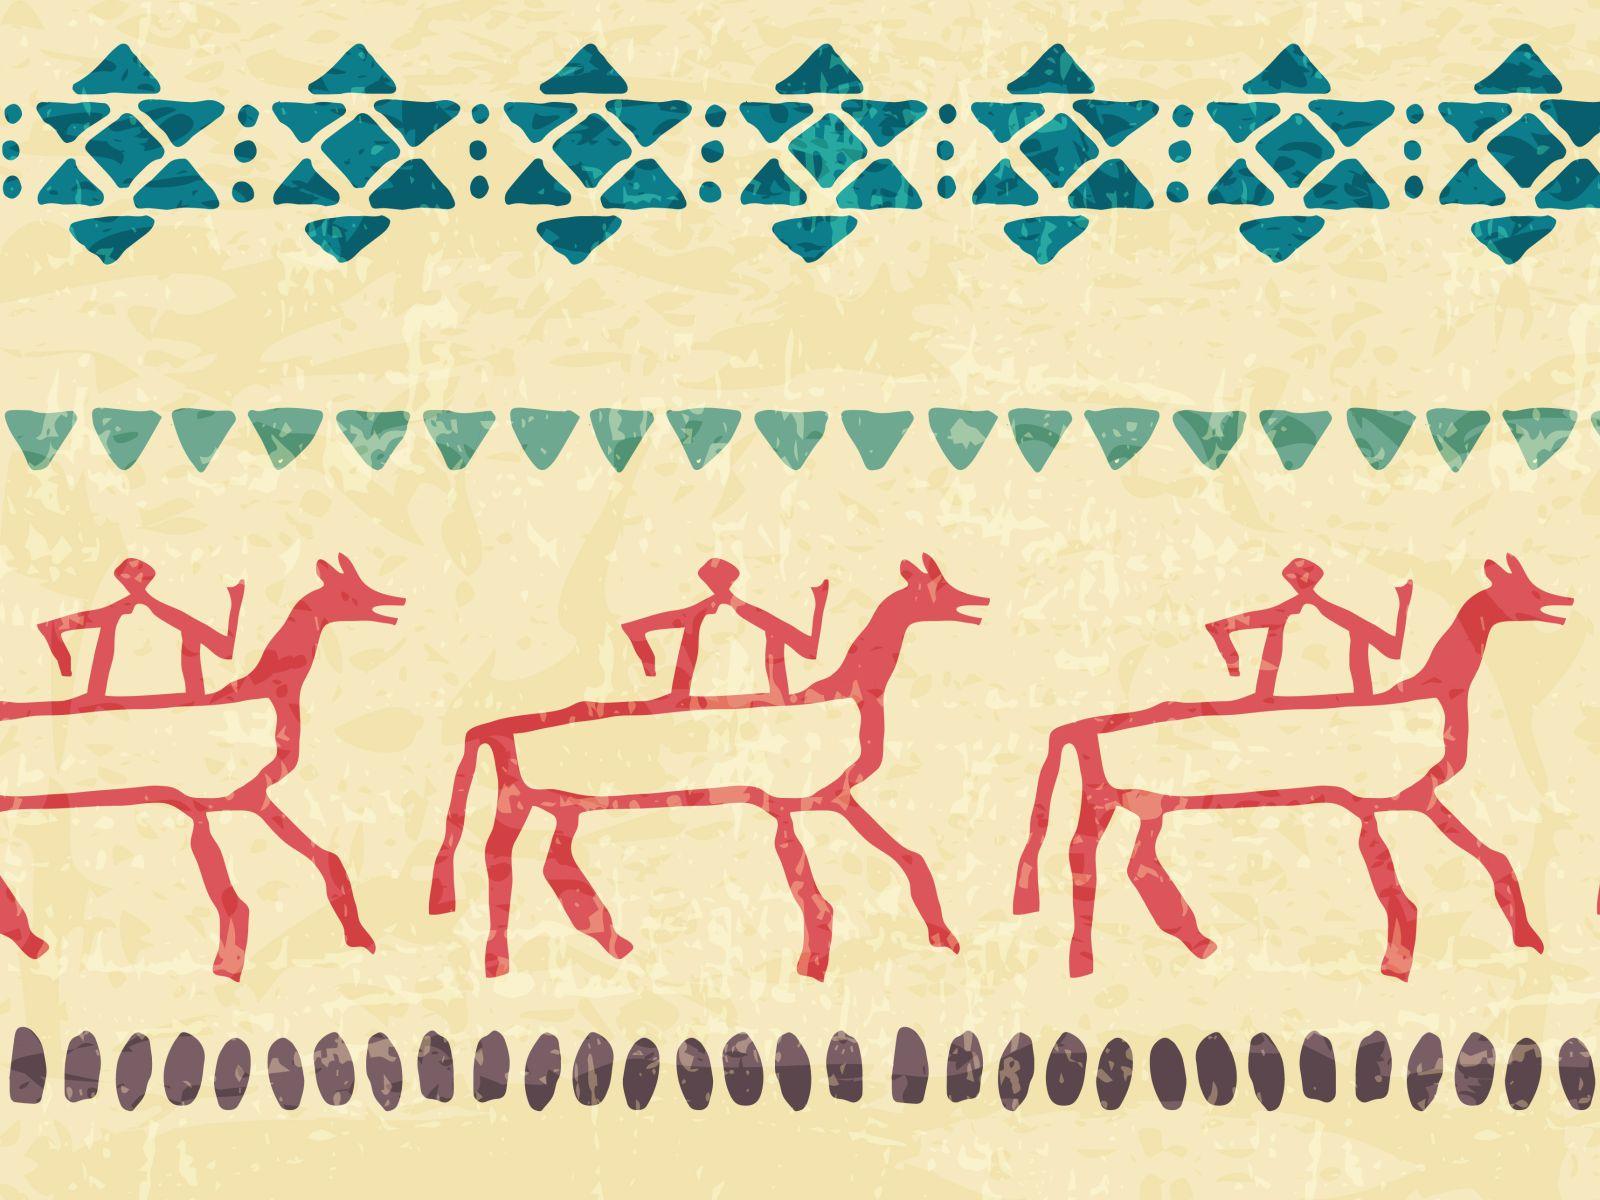 Calul-si-Calaretul